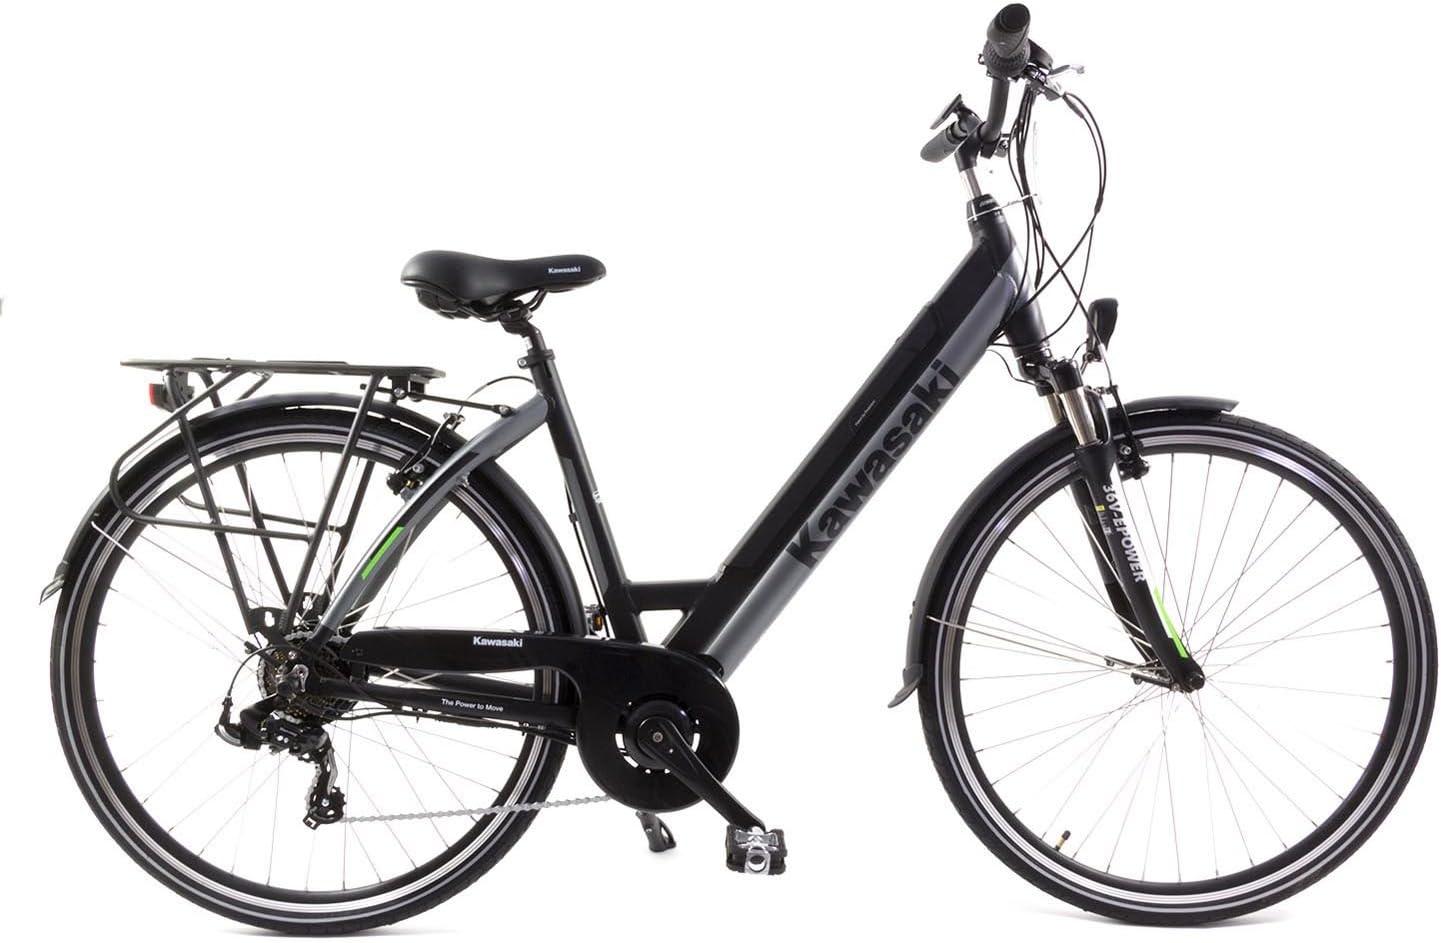 Kawasaki Trekking de Bike Lady: Amazon.es: Deportes y aire libre